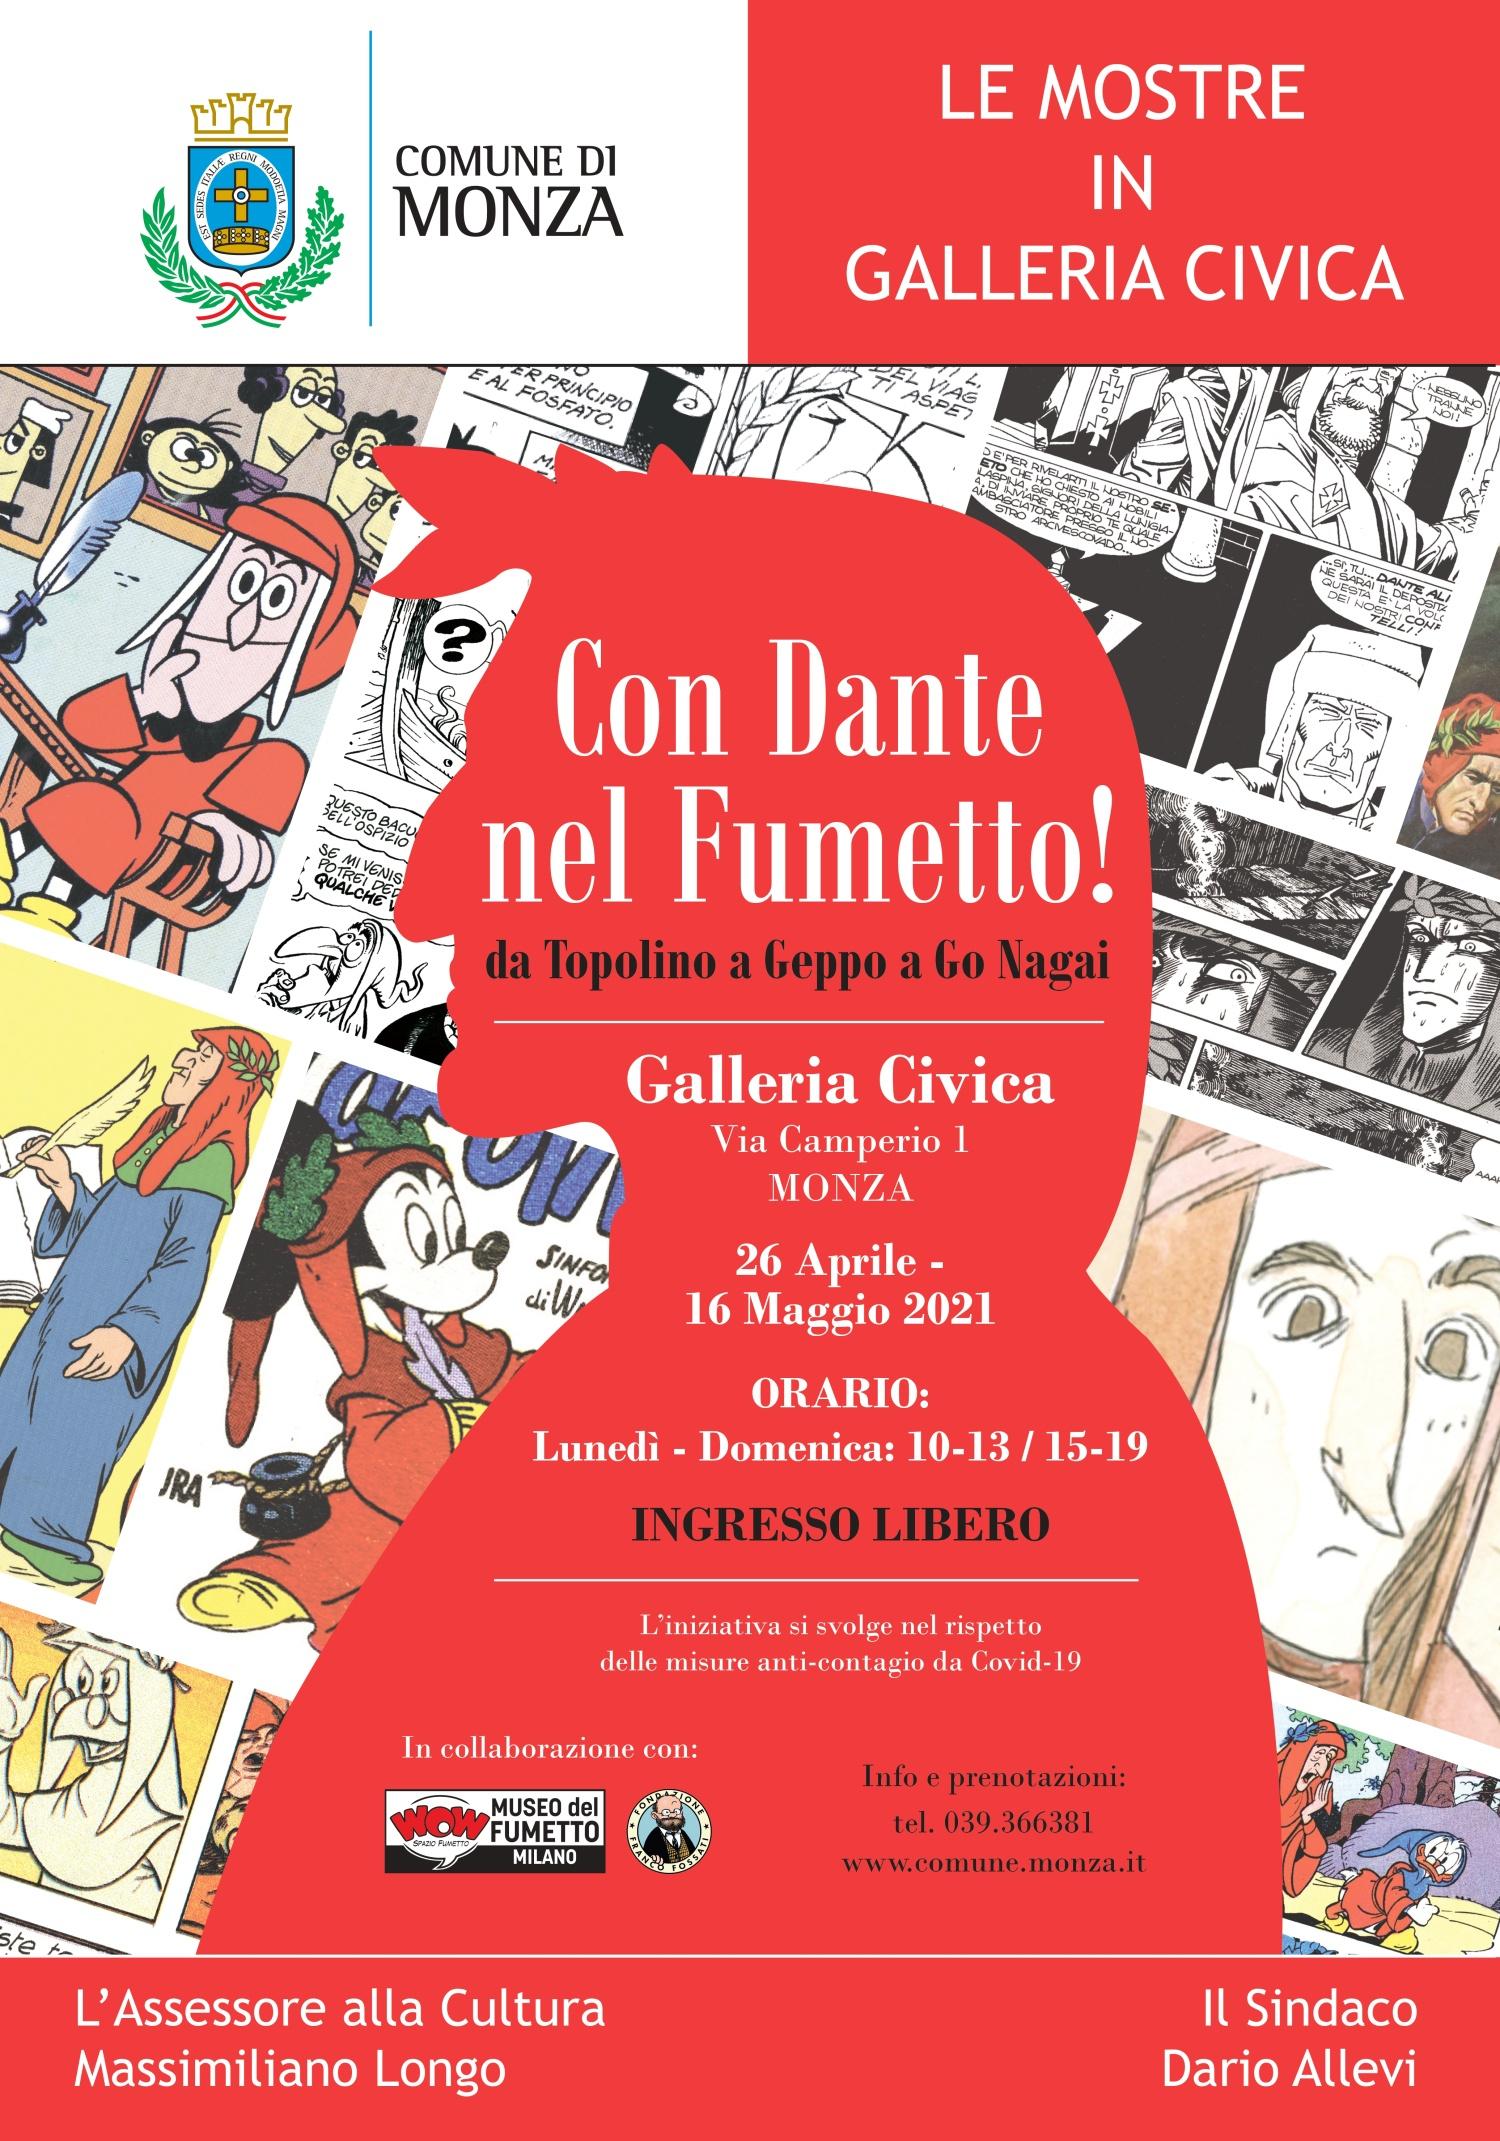 <p>Un viaggio a fumetti tra la vita del Sommo Poeta, di cui quest&rsquo;anno ricorrono i 700 anni dalla morte, e il suo capolavoro, la Divina Commedia. La mostra &quot;<strong>Con Dante nel Fumetto! Da Topolino a Geppo a Go Nagai&quot;</strong>&nbsp;(<strong>G</strong><strong>alleria Civica&nbsp;di Monza)</strong> trasporta la vita di Dante Alighieri e i versi immortali del suo capolavoro nel mondo delle &quot;strisce&quot;.</p><p>&nbsp;</p><p>Tra le storie presenti in mostra la pi&ugrave; nota &egrave; <strong>L&rsquo;Inferno di Topolino</strong>, capostipite di un lungo filone di parodie Disney e uno dei classici pi&ugrave; amati e ristampati: una storia disegnata da Angelo Bioletto e scritta da Guido Martina in perfette e aggiornate&nbsp;rime dantesche, pubblicata nel 1950. Da Topolino a Paperino con i disegni originali de <strong>L&#39;Inferno di Paperino</strong>, scritto da Massimo Marconi e dipinto da Giulio Chierchini.</p><p>&laquo;<em>Fatti non foste a legger comics bruti, ma per seguir storielle di valenza</em>&raquo; recita la versione comics della Divina Commedia di <strong>Marcello Toninelli</strong> pubblicata sulle pagine di <em>Off-Side</em>&nbsp;e ripresa anche da <em>Undercomics</em>&nbsp;e <em>Il Giornalino</em>, che pubblic&ograve; tutte e tre le Cantiche nella versione pi&ugrave; completa mai realizzata. Tra i tanti omaggi all&rsquo;Inferno non poteva mancare il diavolo buono <strong>Geppo</strong>; lo sfortunato ladro <strong>Cattivik</strong> ha, invece, passato in rassegna tutte e tre le Cantiche, in una divertente trilogia firmata dallo sceneggiatore Moreno Burattini e dal disegnatore Giorgio Sommacal.</p><p>Una moderna rilettura del capolavoro dantesco &egrave; <strong><em>La Commedia Diabolica</em></strong>&nbsp;di Renzo Maggi. In un filone pi&ugrave; avventuroso, si possono ricordare gli omaggi danteschi di <strong>Nathan Never</strong>, <strong>Martin Myst&egrave;re</strong>, <strong>Dampyr</strong> e <strong>Lazarus Ledd</strong>, in cu